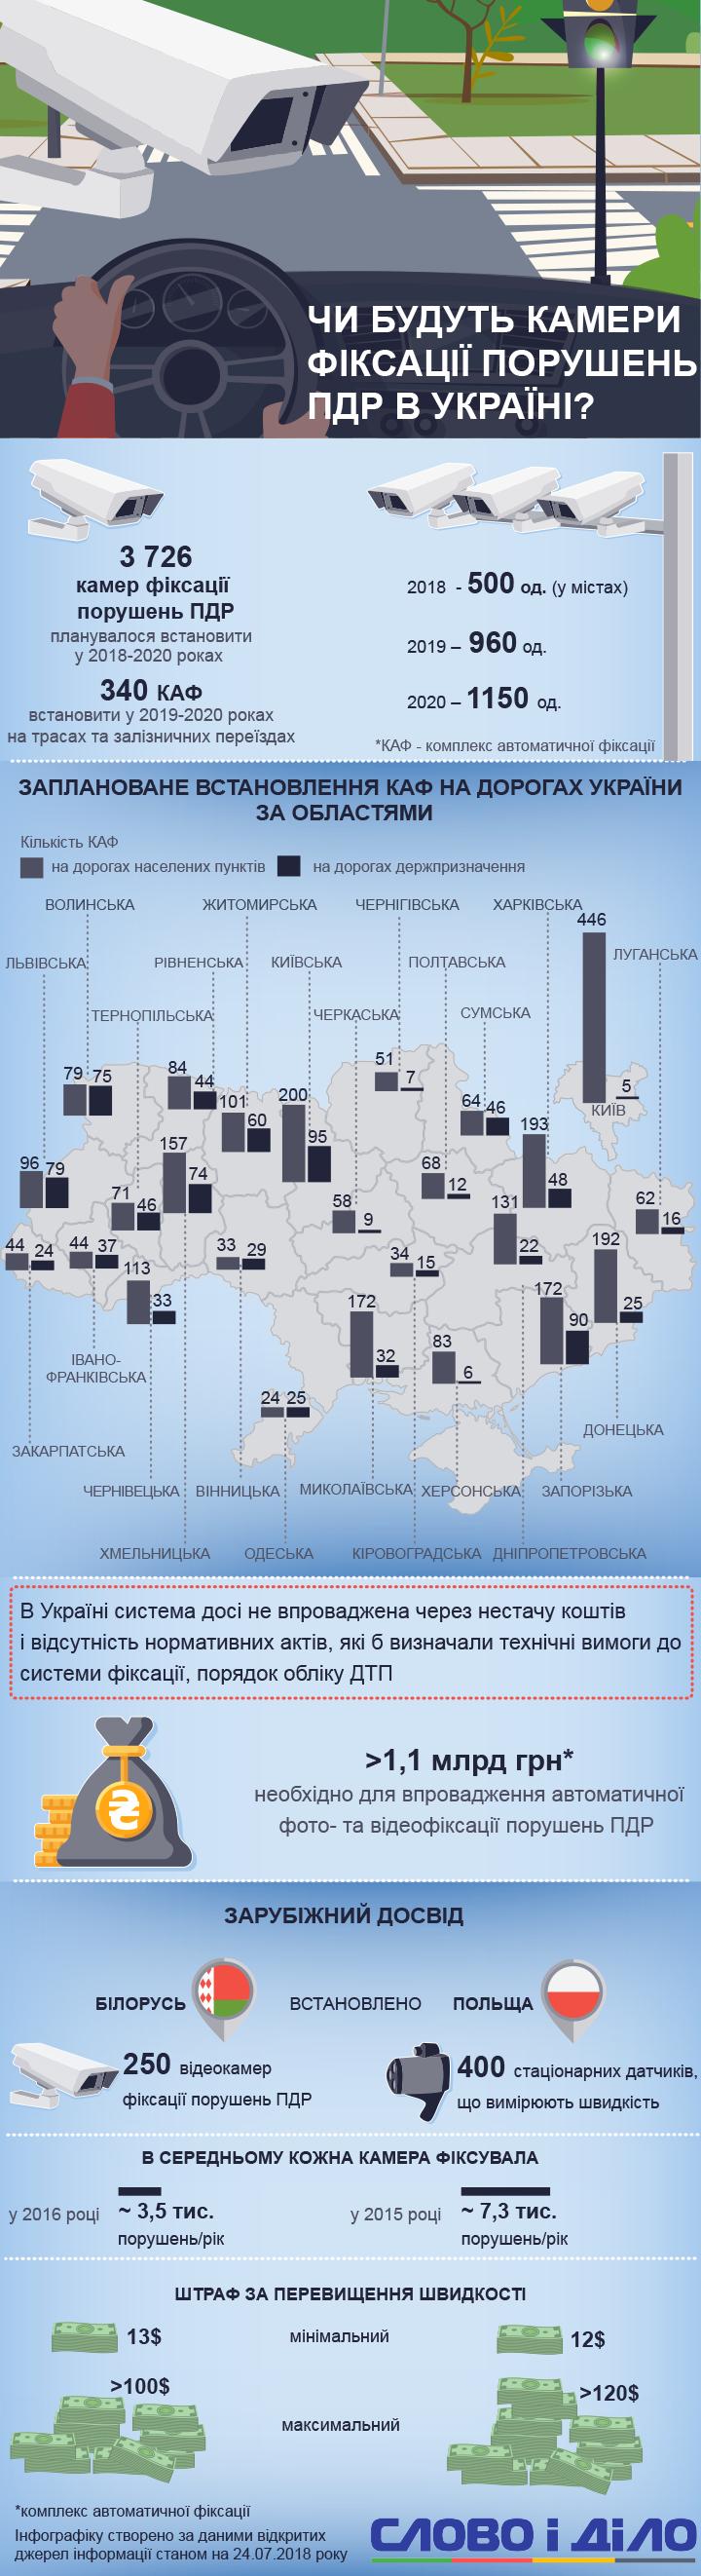 Будет ли в Украине видеофиксация нарушений ПДД